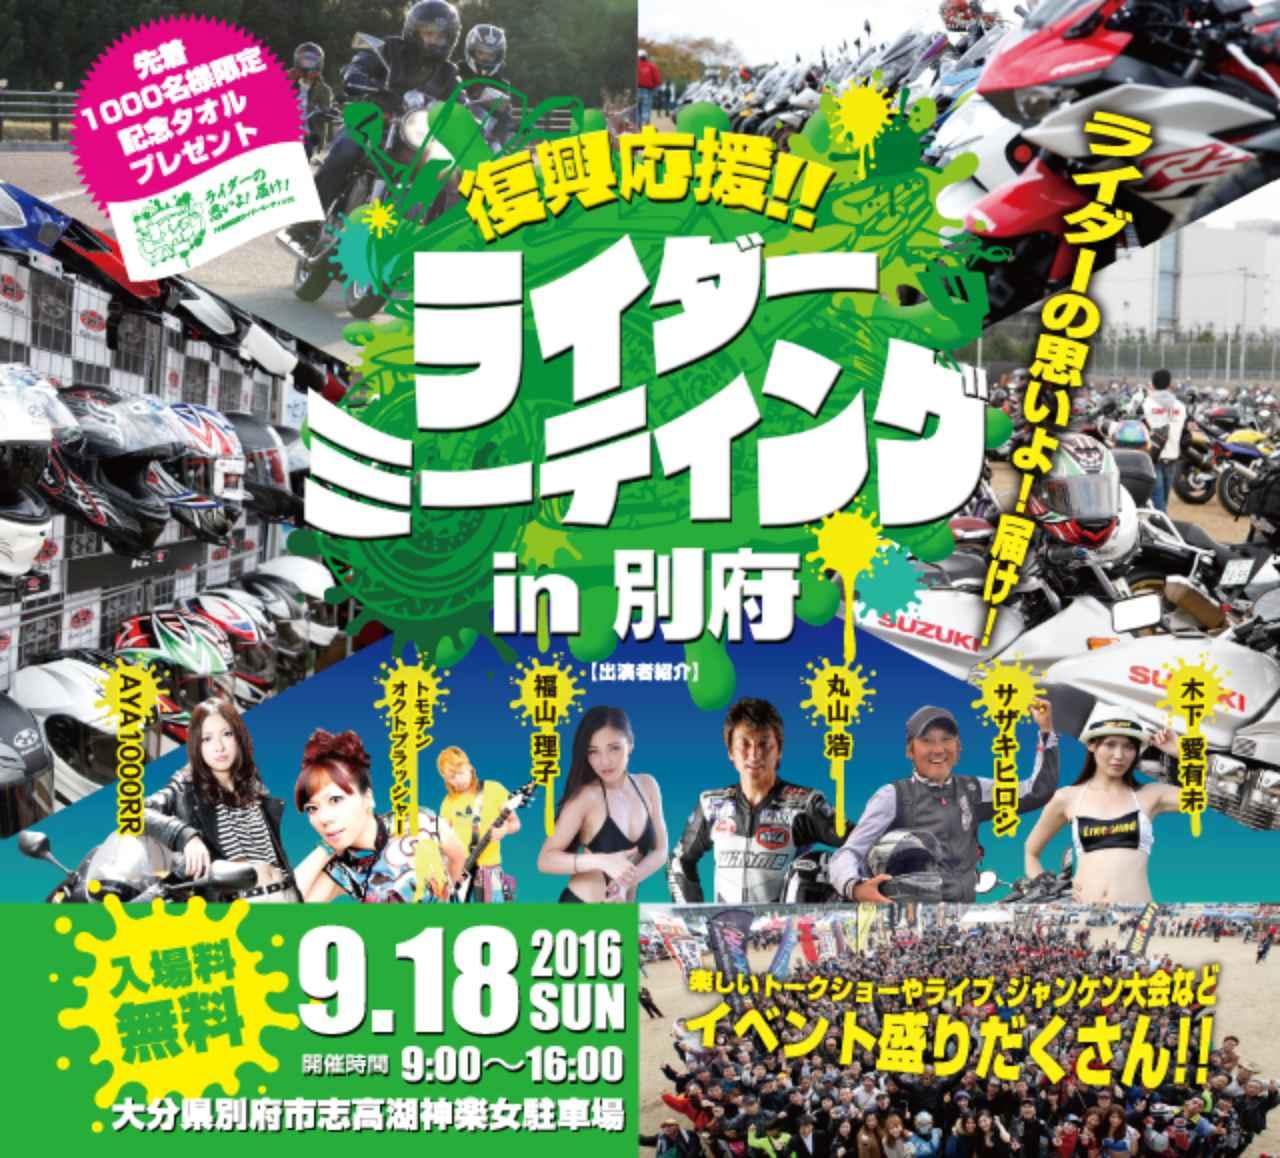 画像1: ≪ライダーから九州を元気にしよう!!≫ということで、 「復興」をテーマに別府でミーティングイベント開催